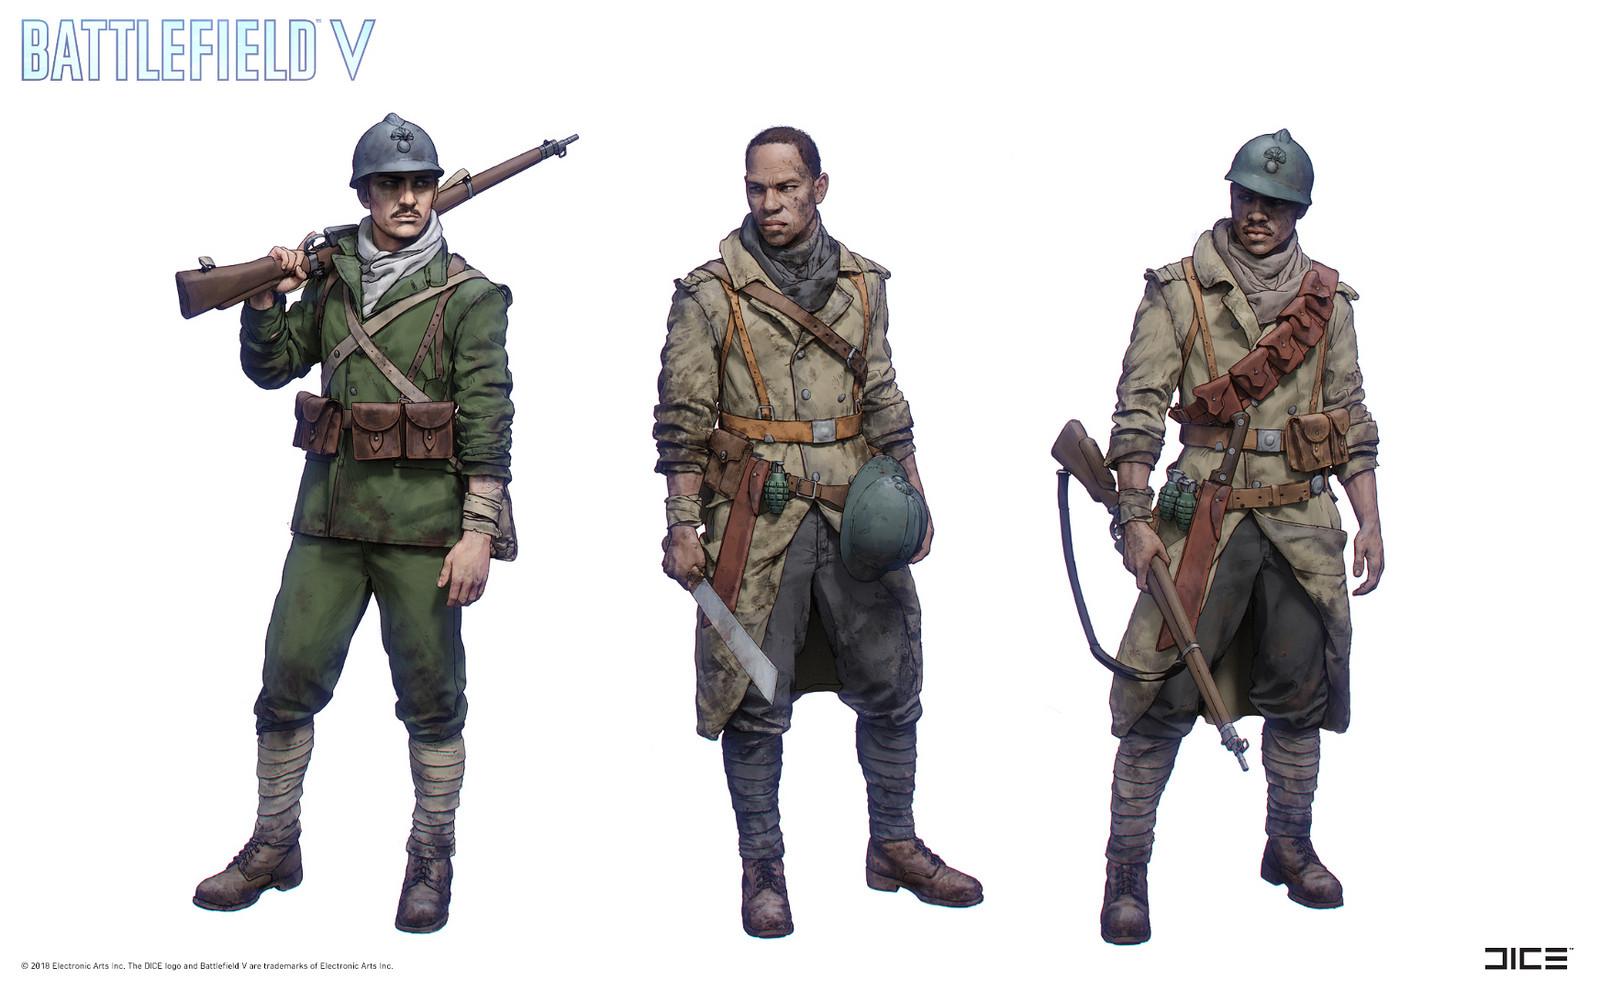 """""""Battlefield V"""" - Tirailleur, Soldiers - Character concept art"""